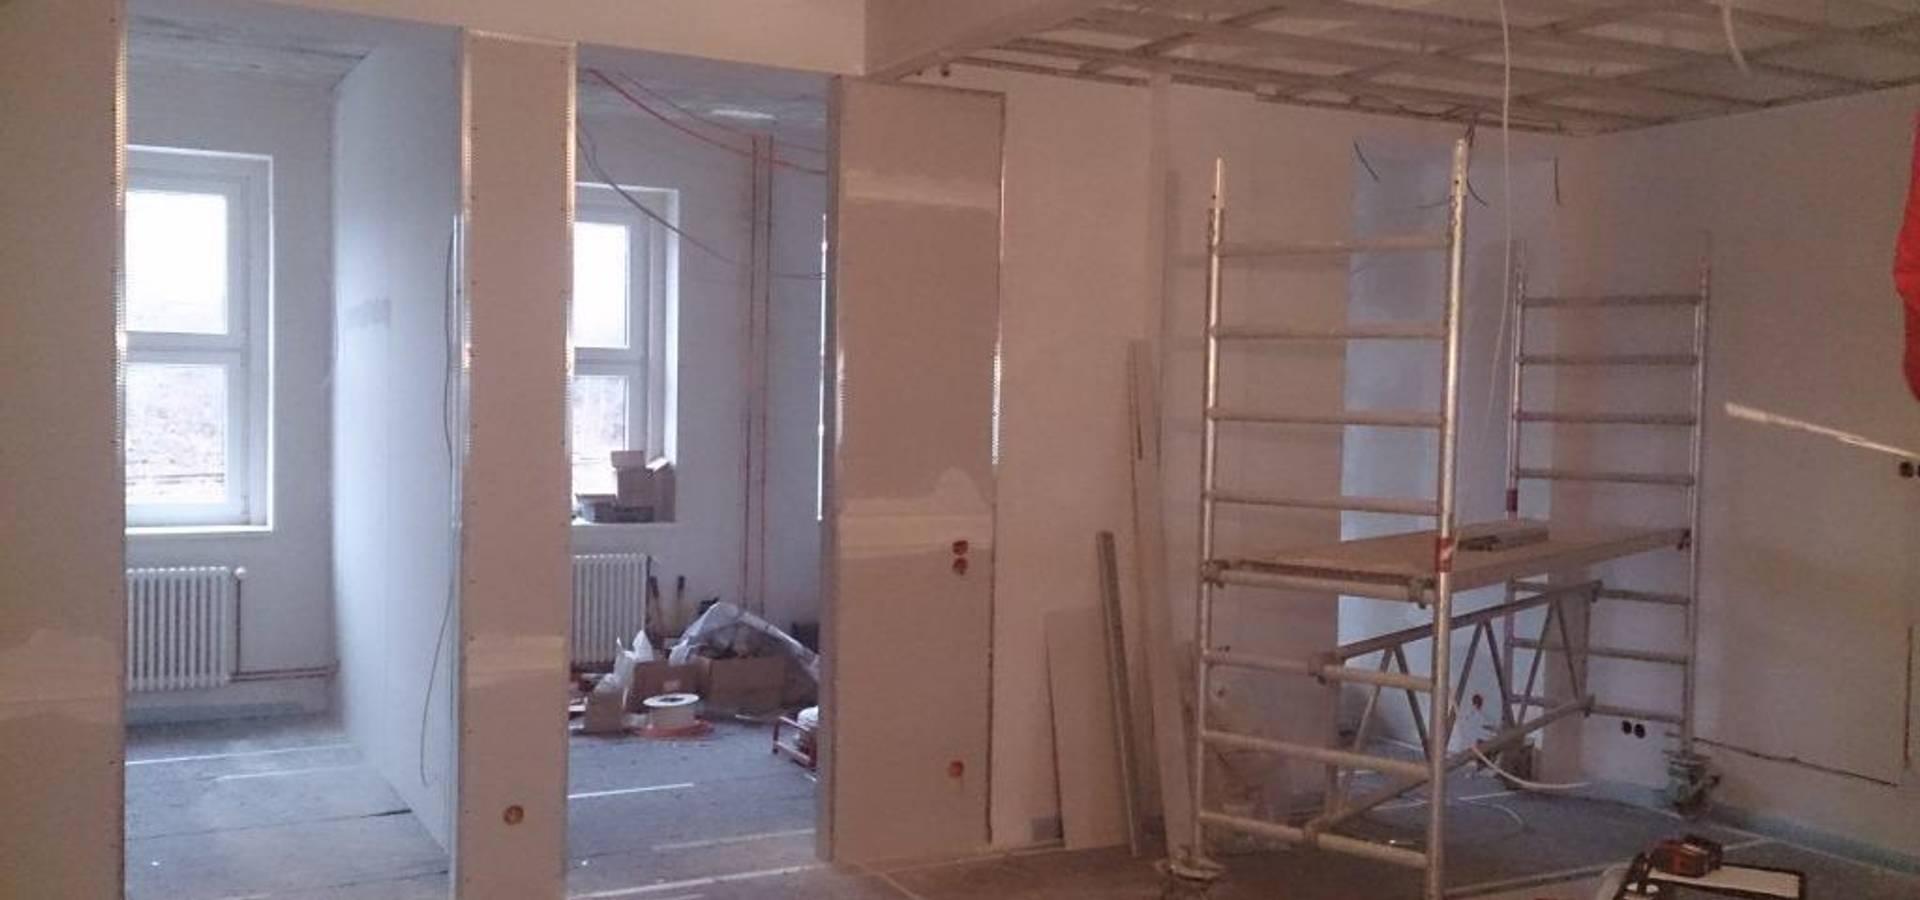 glaserei exner h rdler glaser in berlin homify. Black Bedroom Furniture Sets. Home Design Ideas